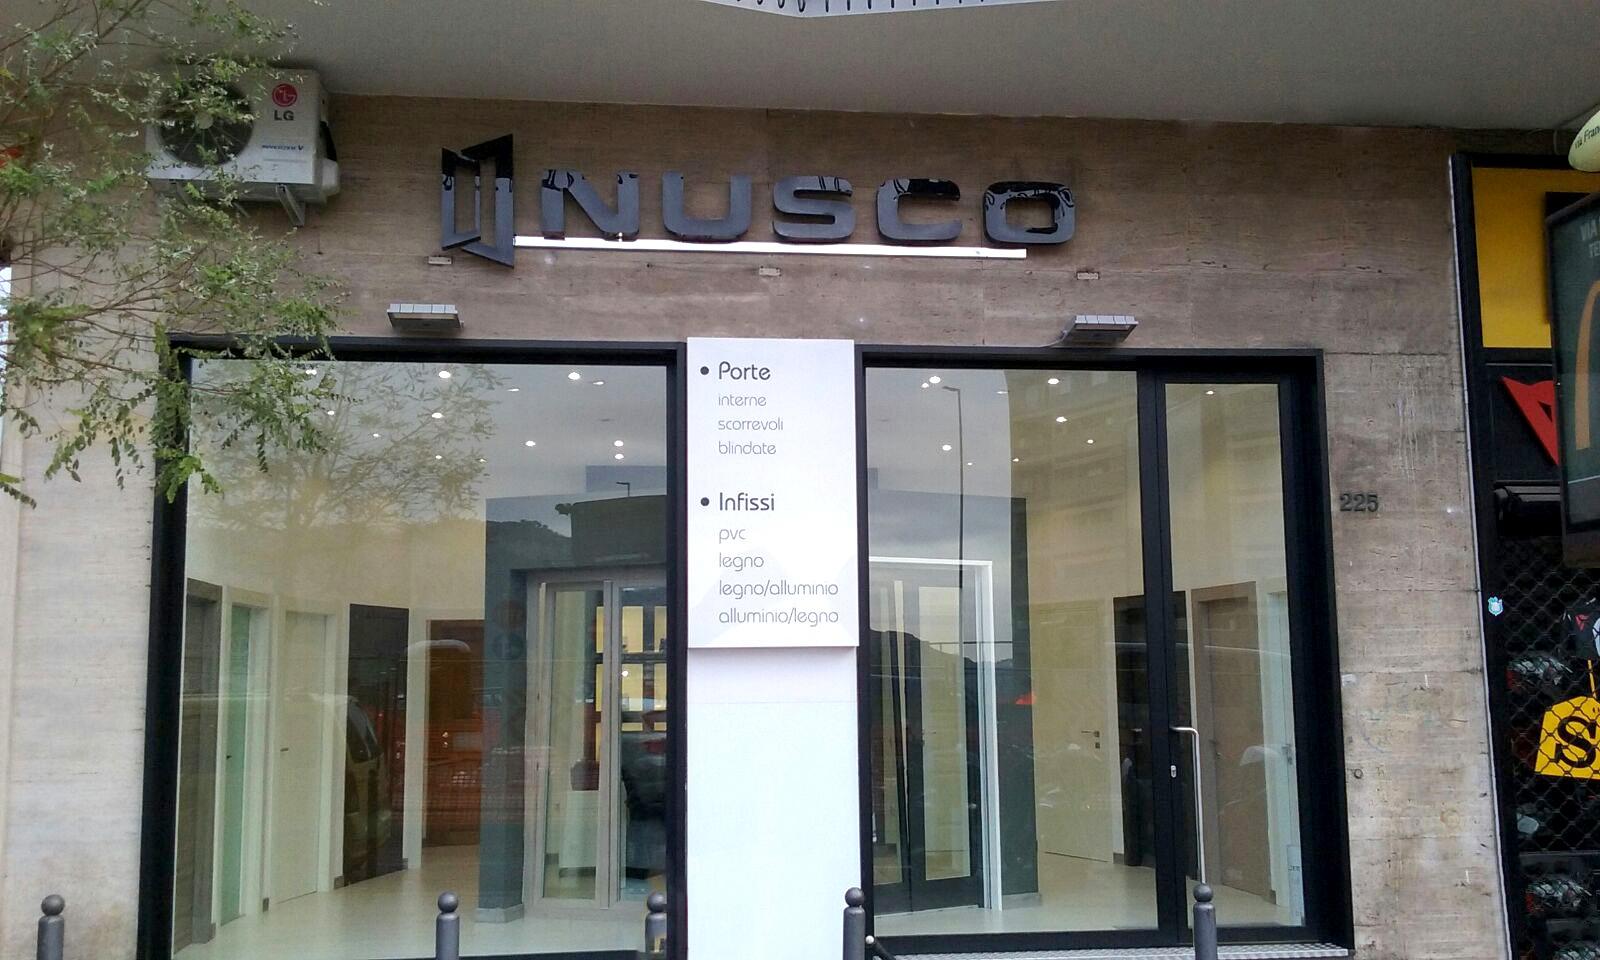 New opening Napoli via Cilea - Nusco SpA porte e infissi